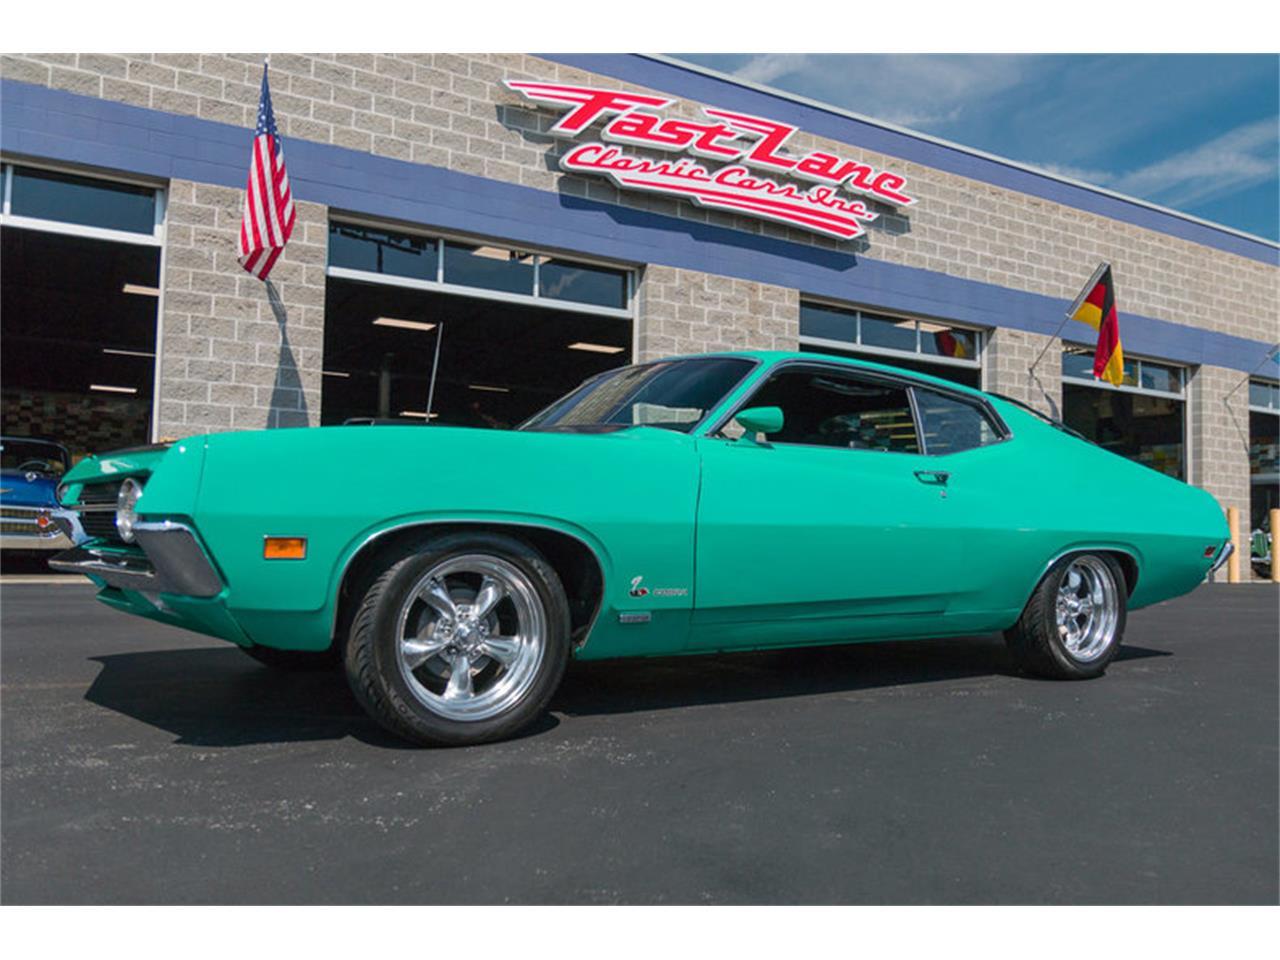 1970 ford gran torino for sale classiccars com cc 892288large picture of \u002770 gran torino j4hs